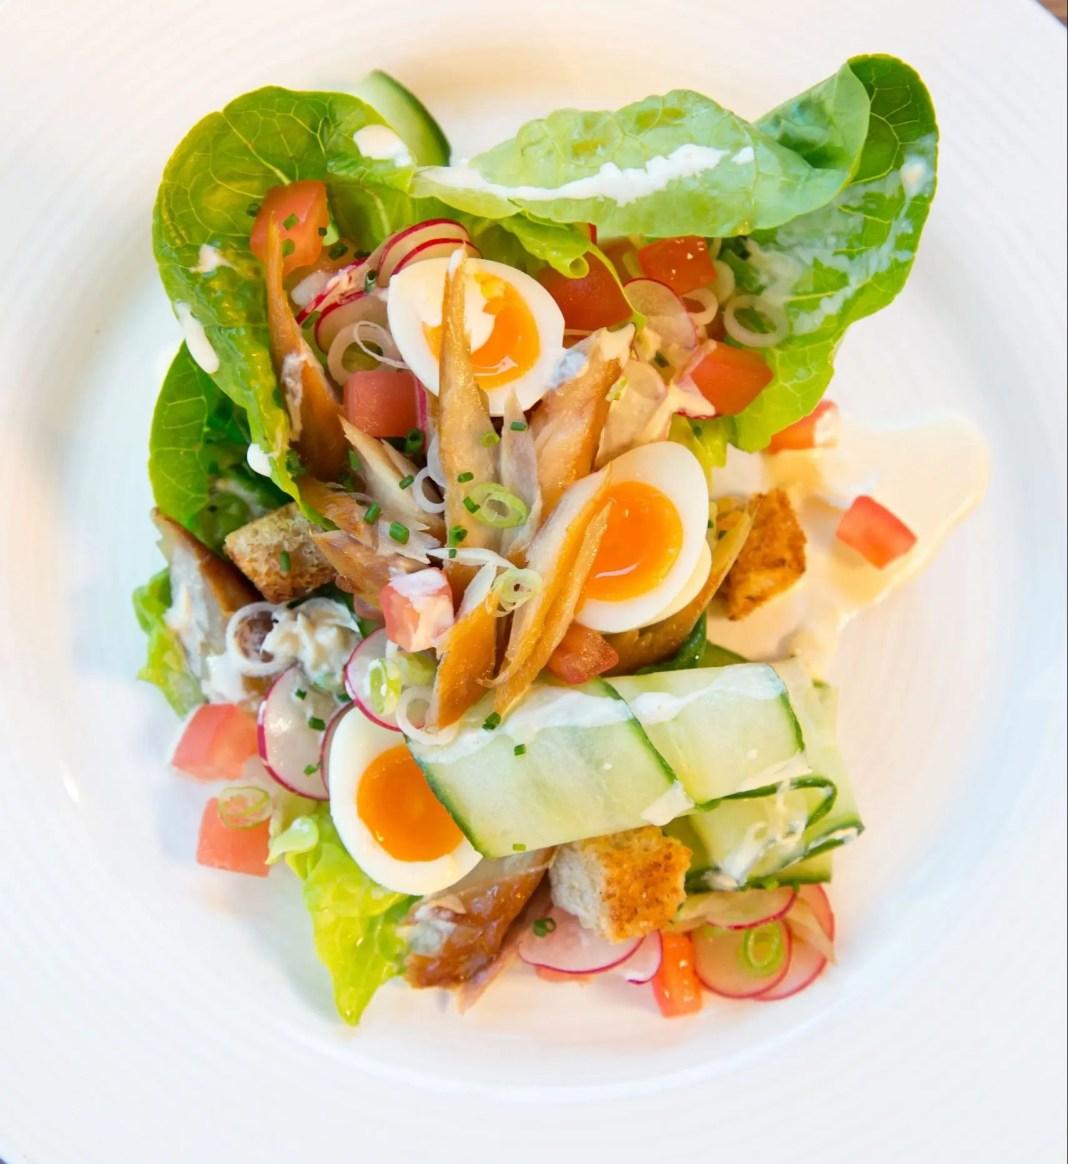 Warm Buckling Salad with Horseradish Sauce